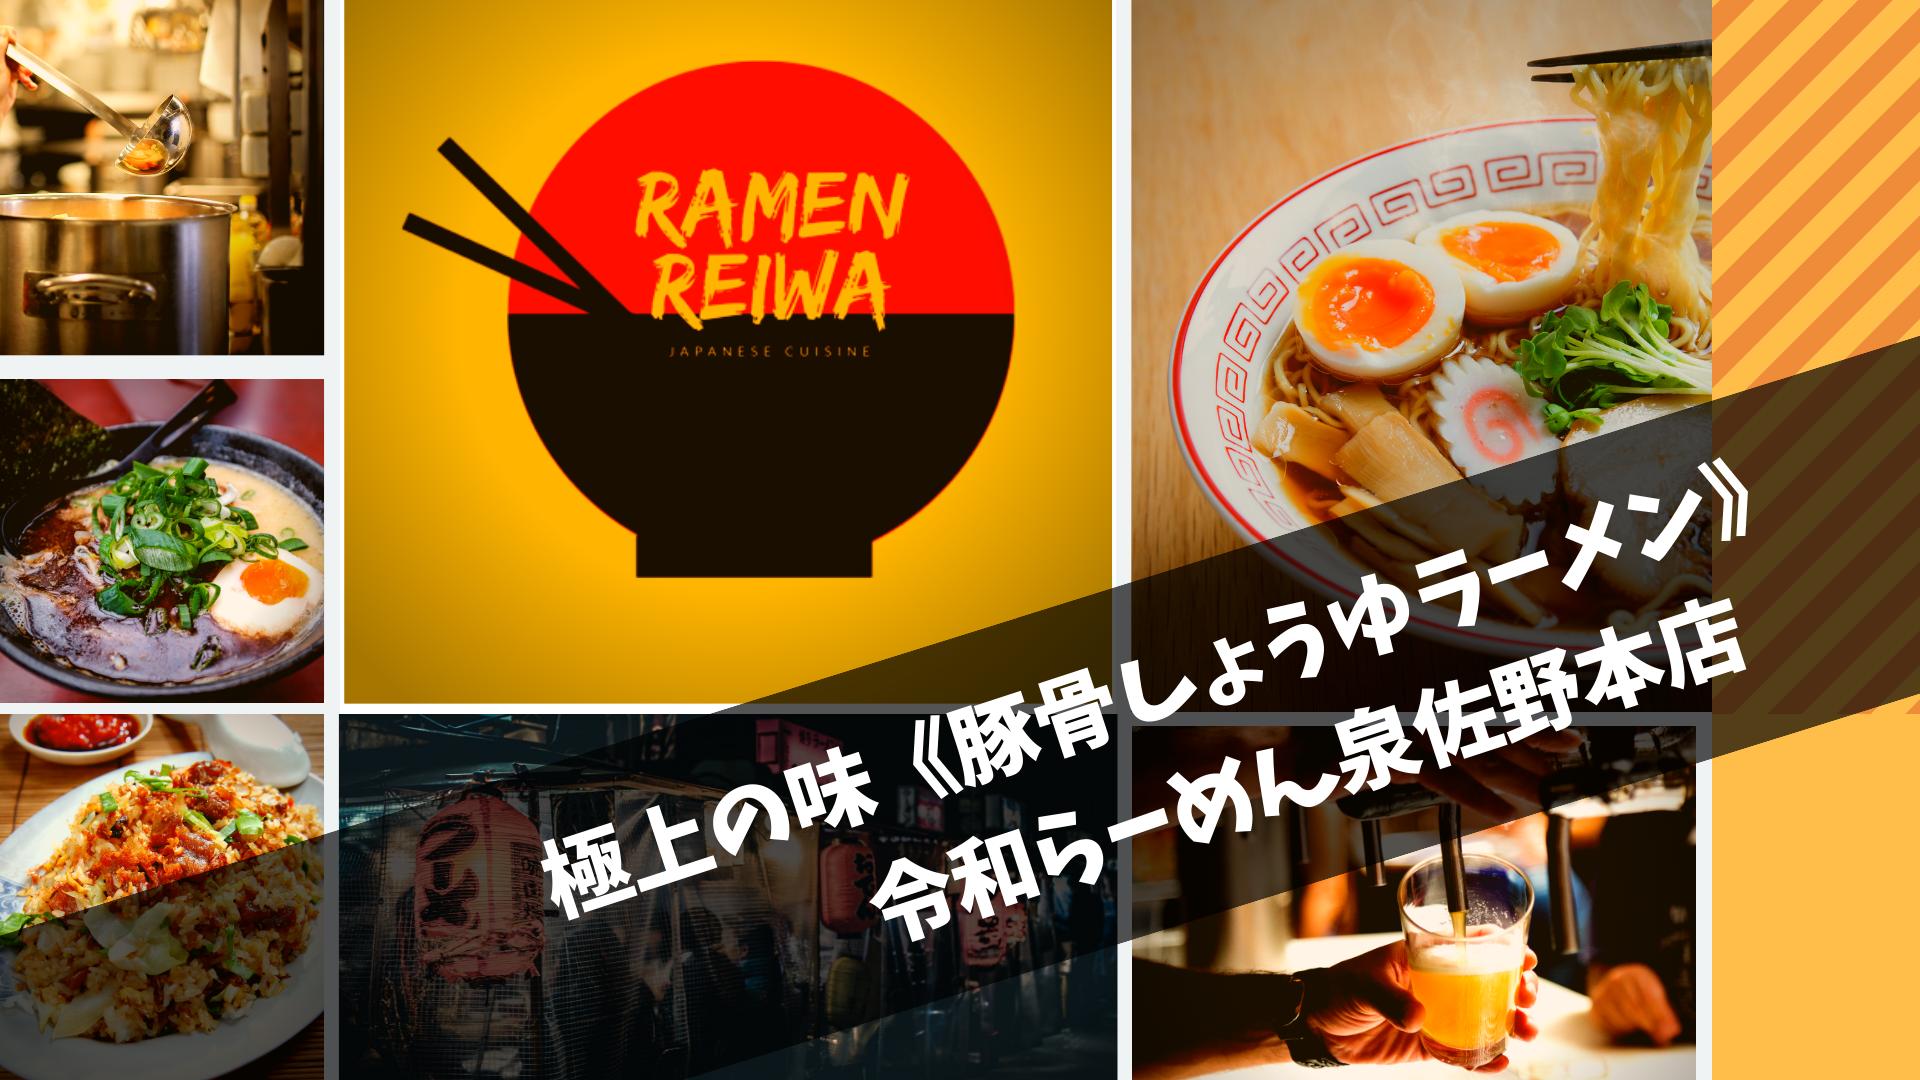 令和ラーメン公式サイト/ 泉佐野市 イメージ画像